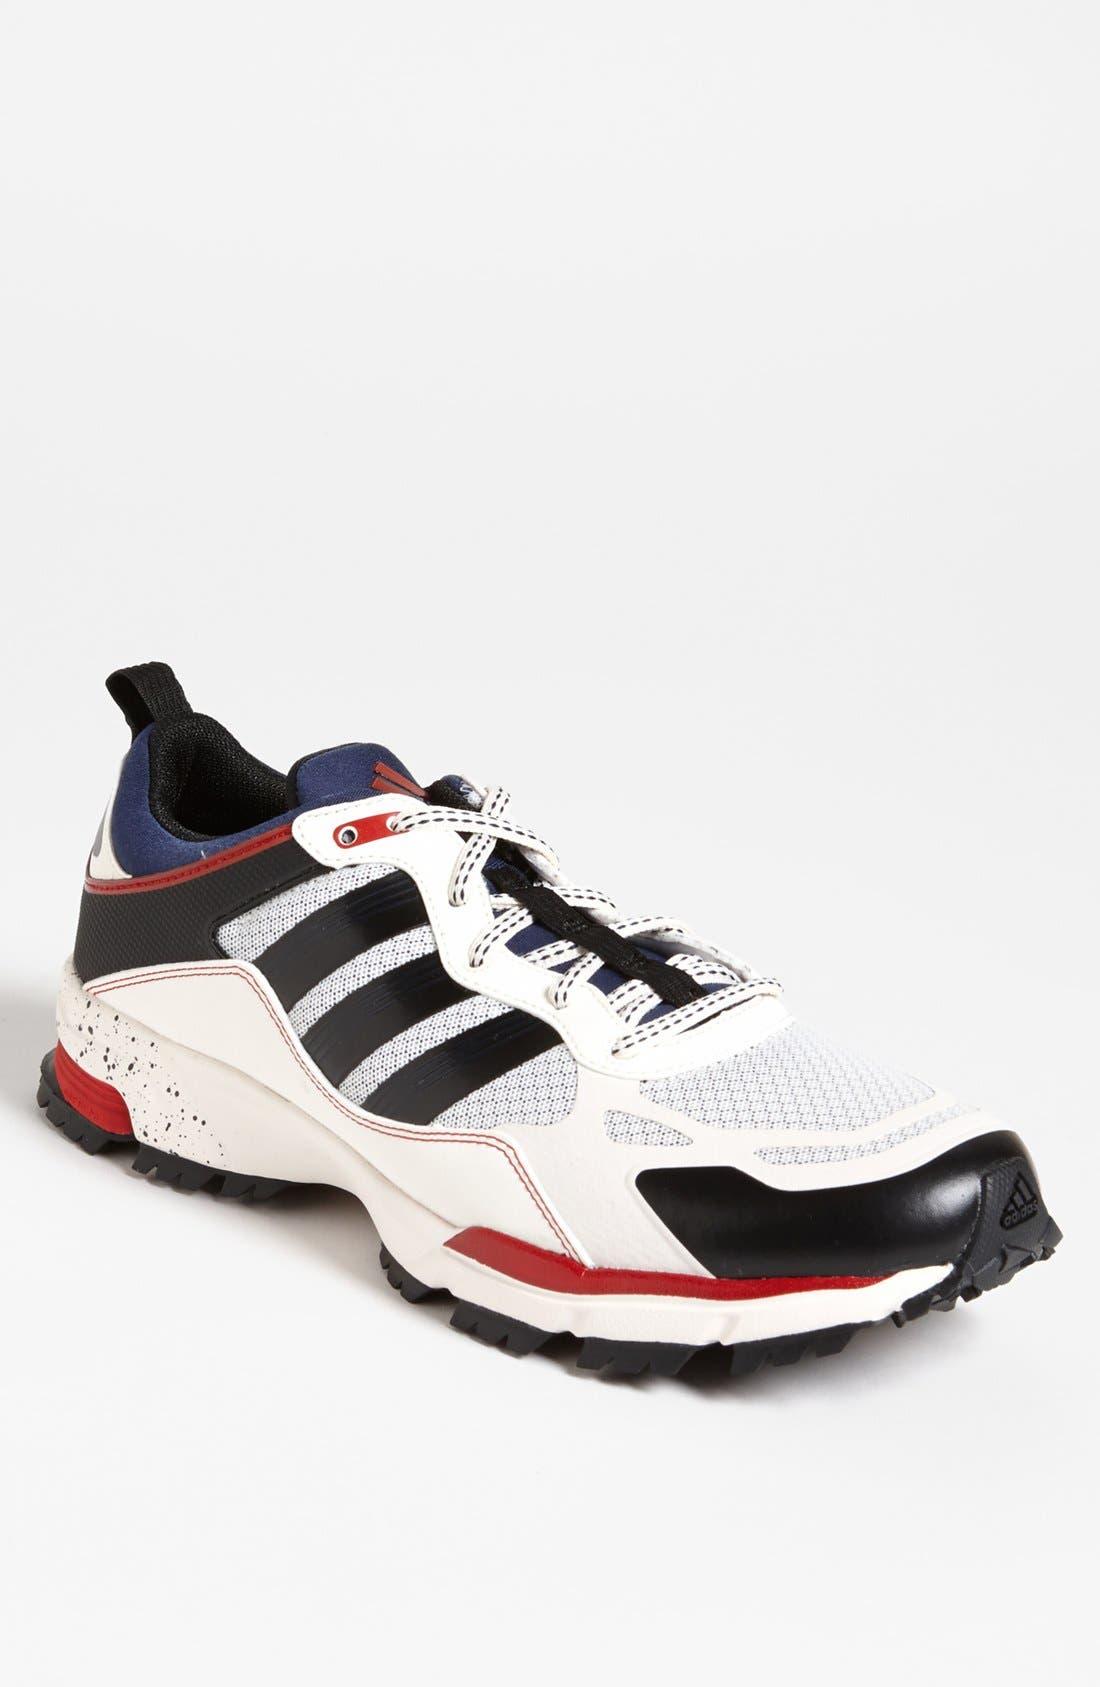 Alternate Image 1 Selected - adidas 'Response TR ReRun' Trail Running Shoe (Men)